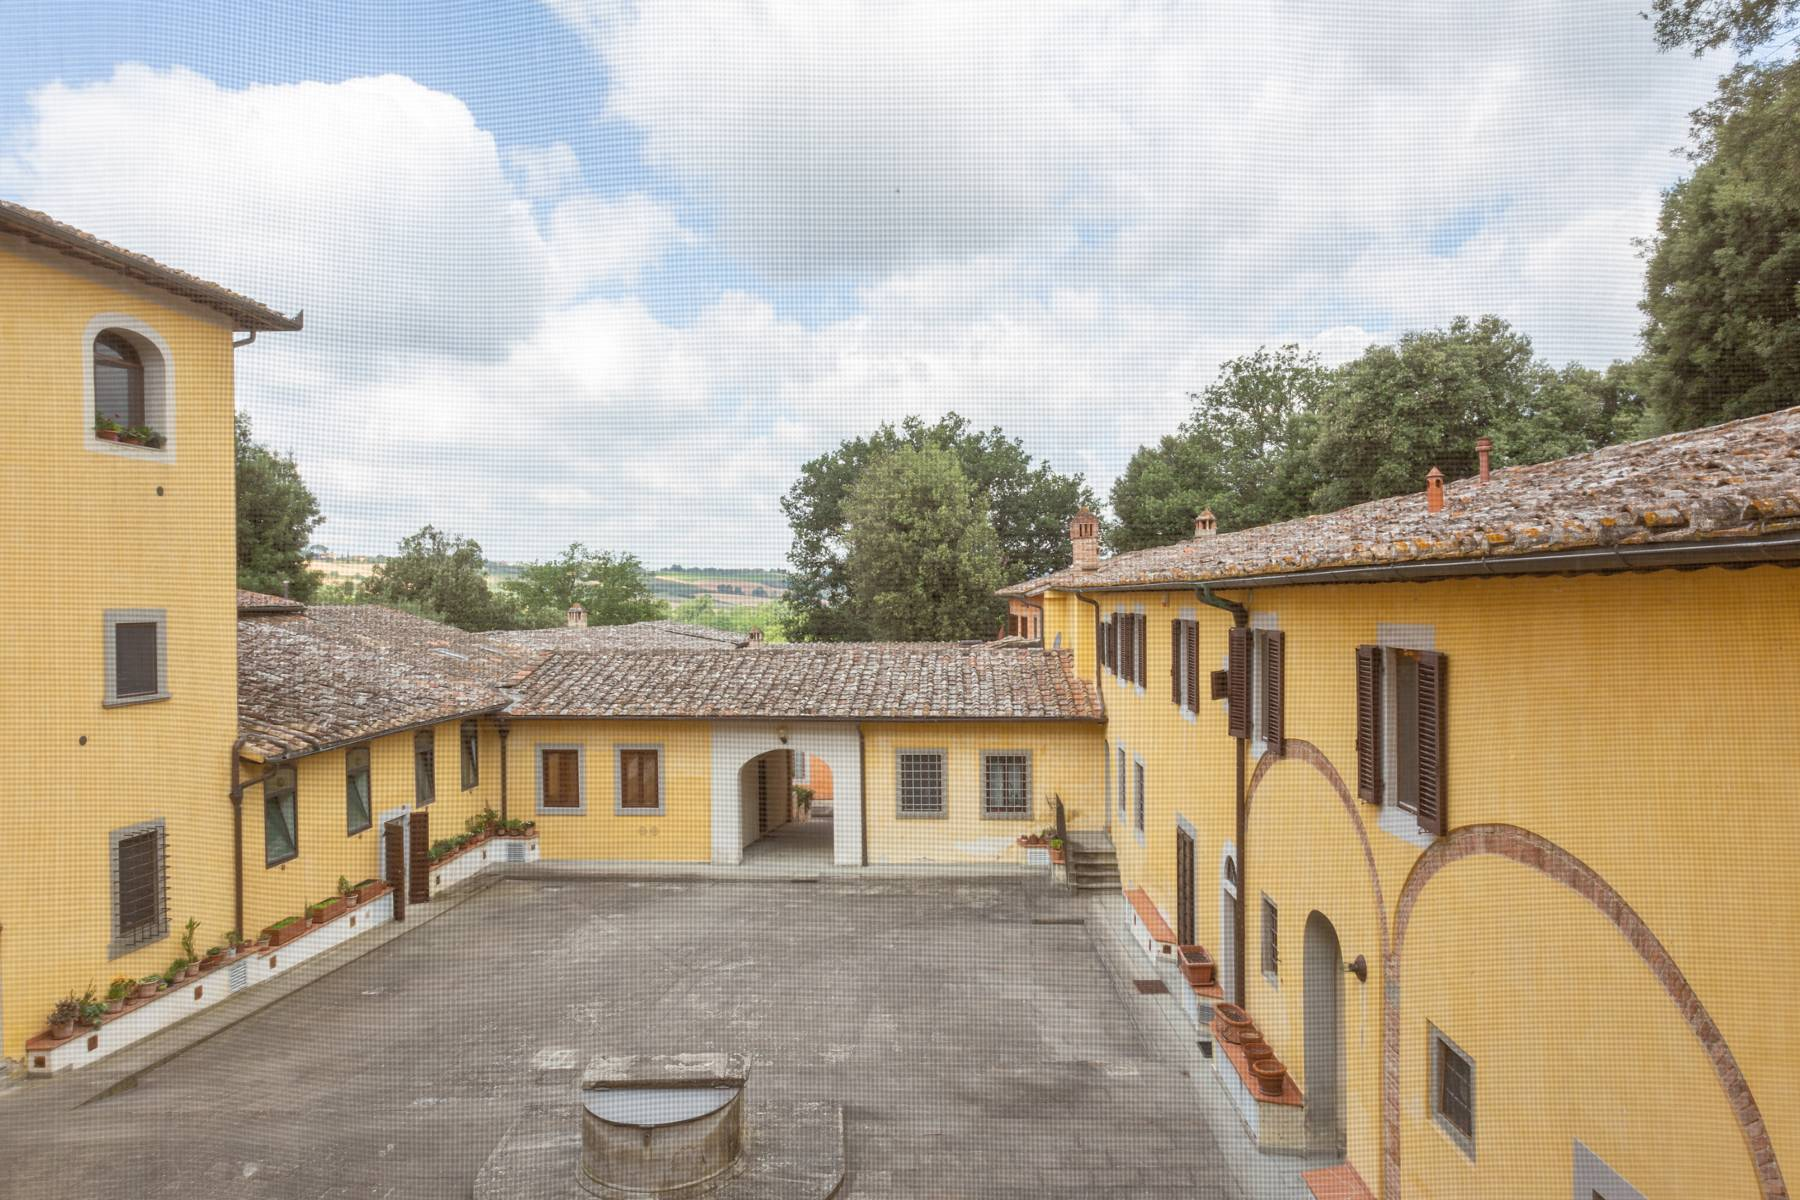 Magnifique appartement dans villa historique du XVI siècle avec jardin - 20